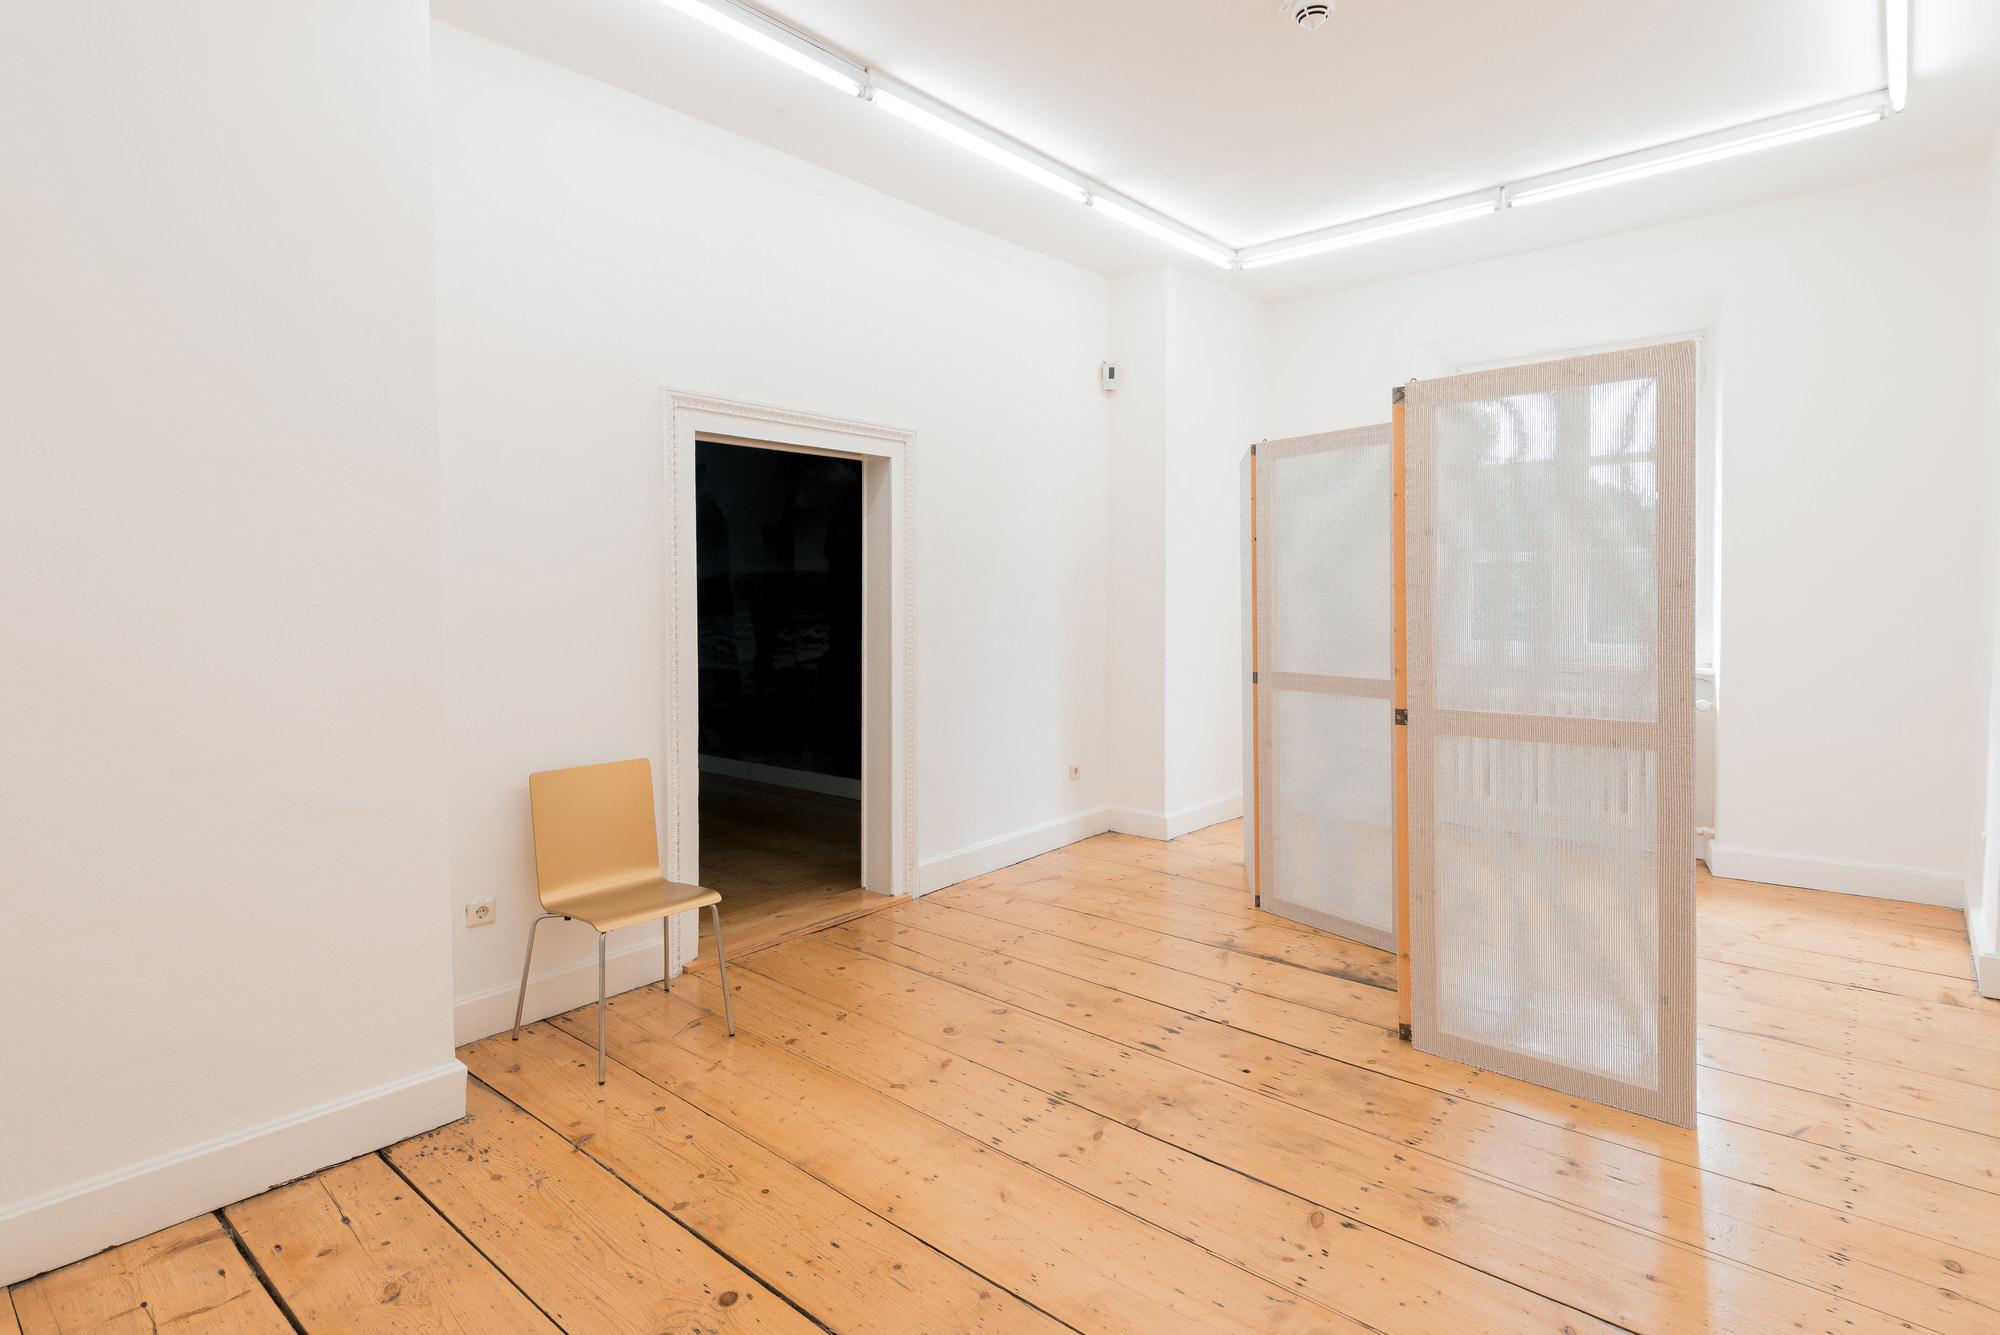 Open House at Kunstverein Braunschweig_Zobernig 2